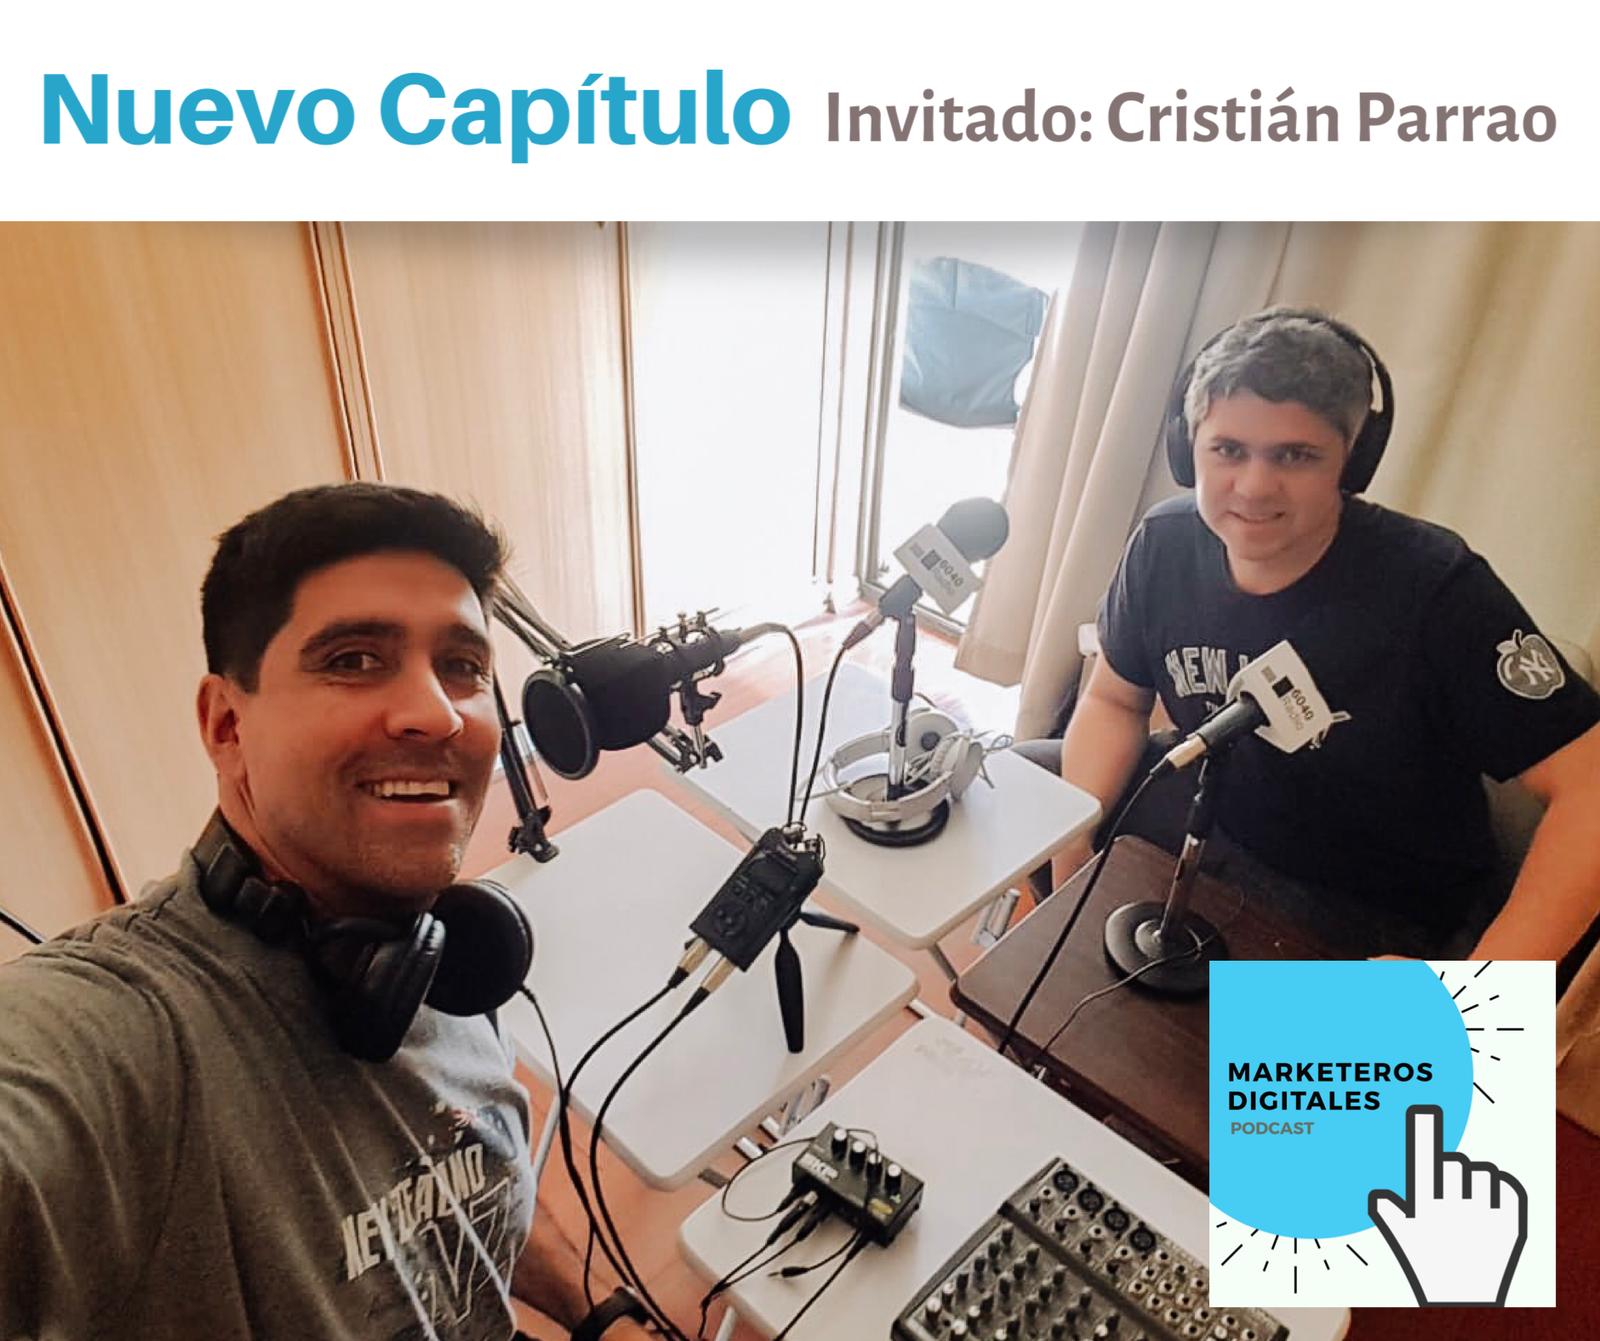 Capítulo 3: Marca Personal en Redes Sociales (invitado Cristián Parrao).